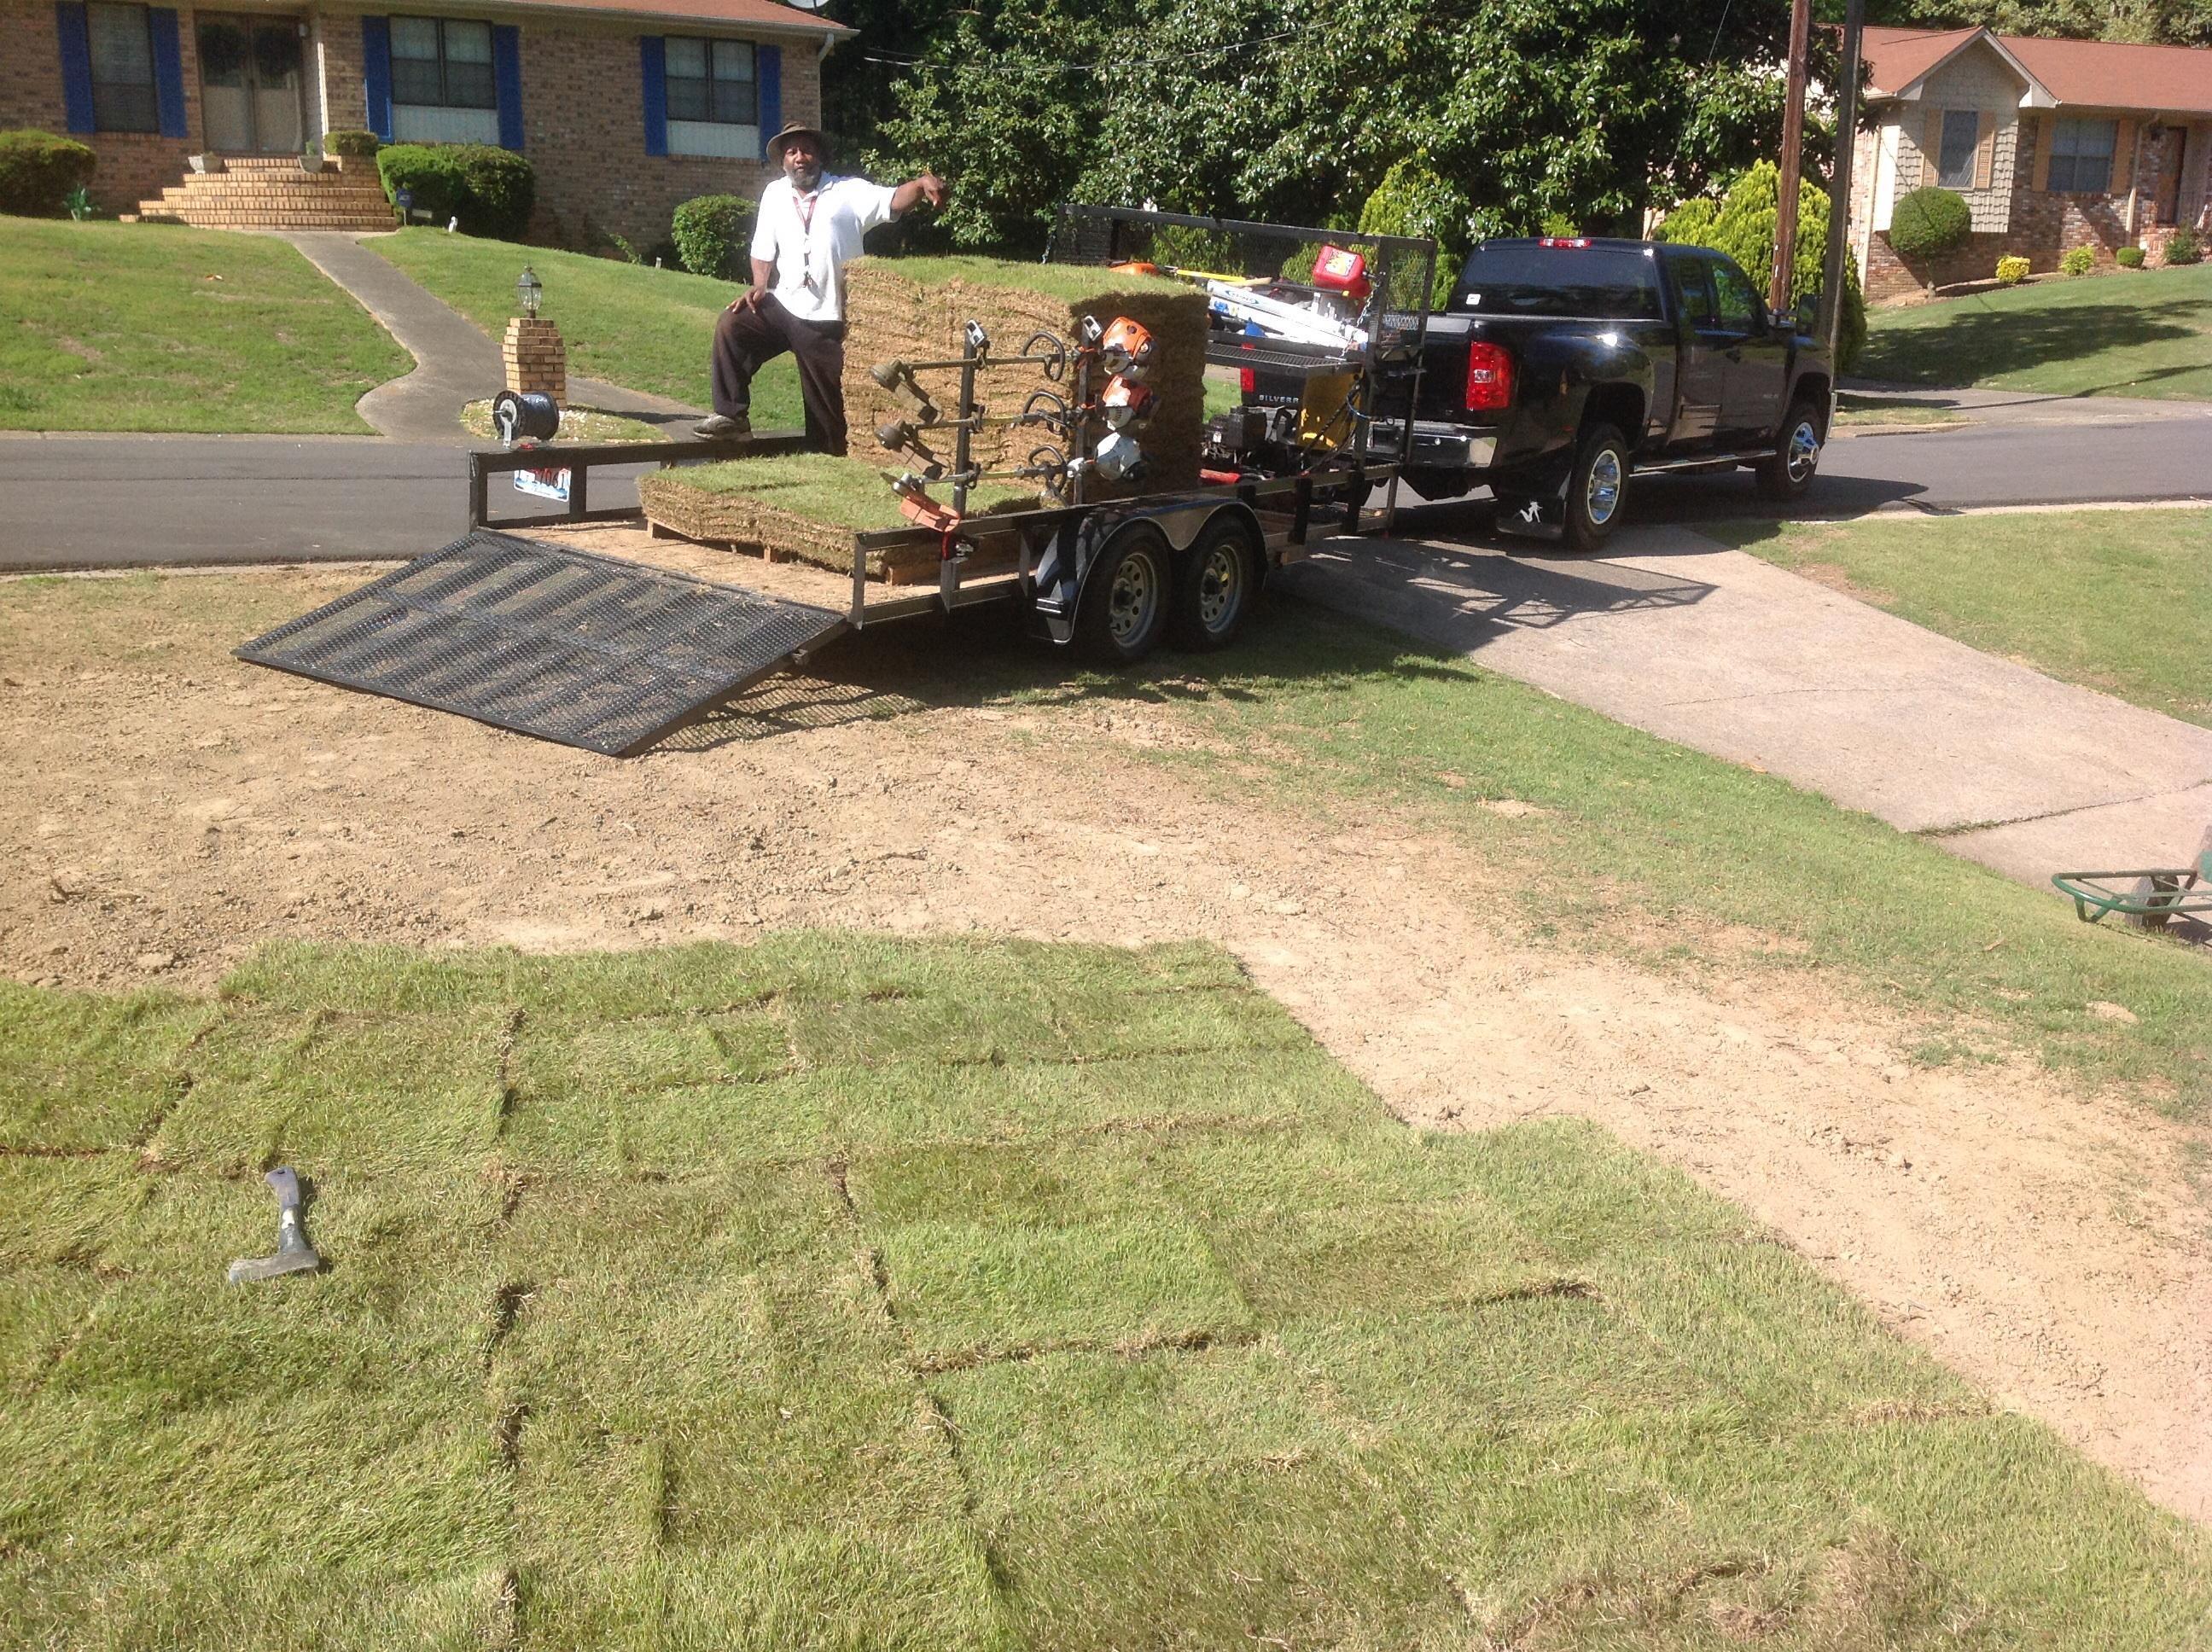 Hq Lawn Service, Llc